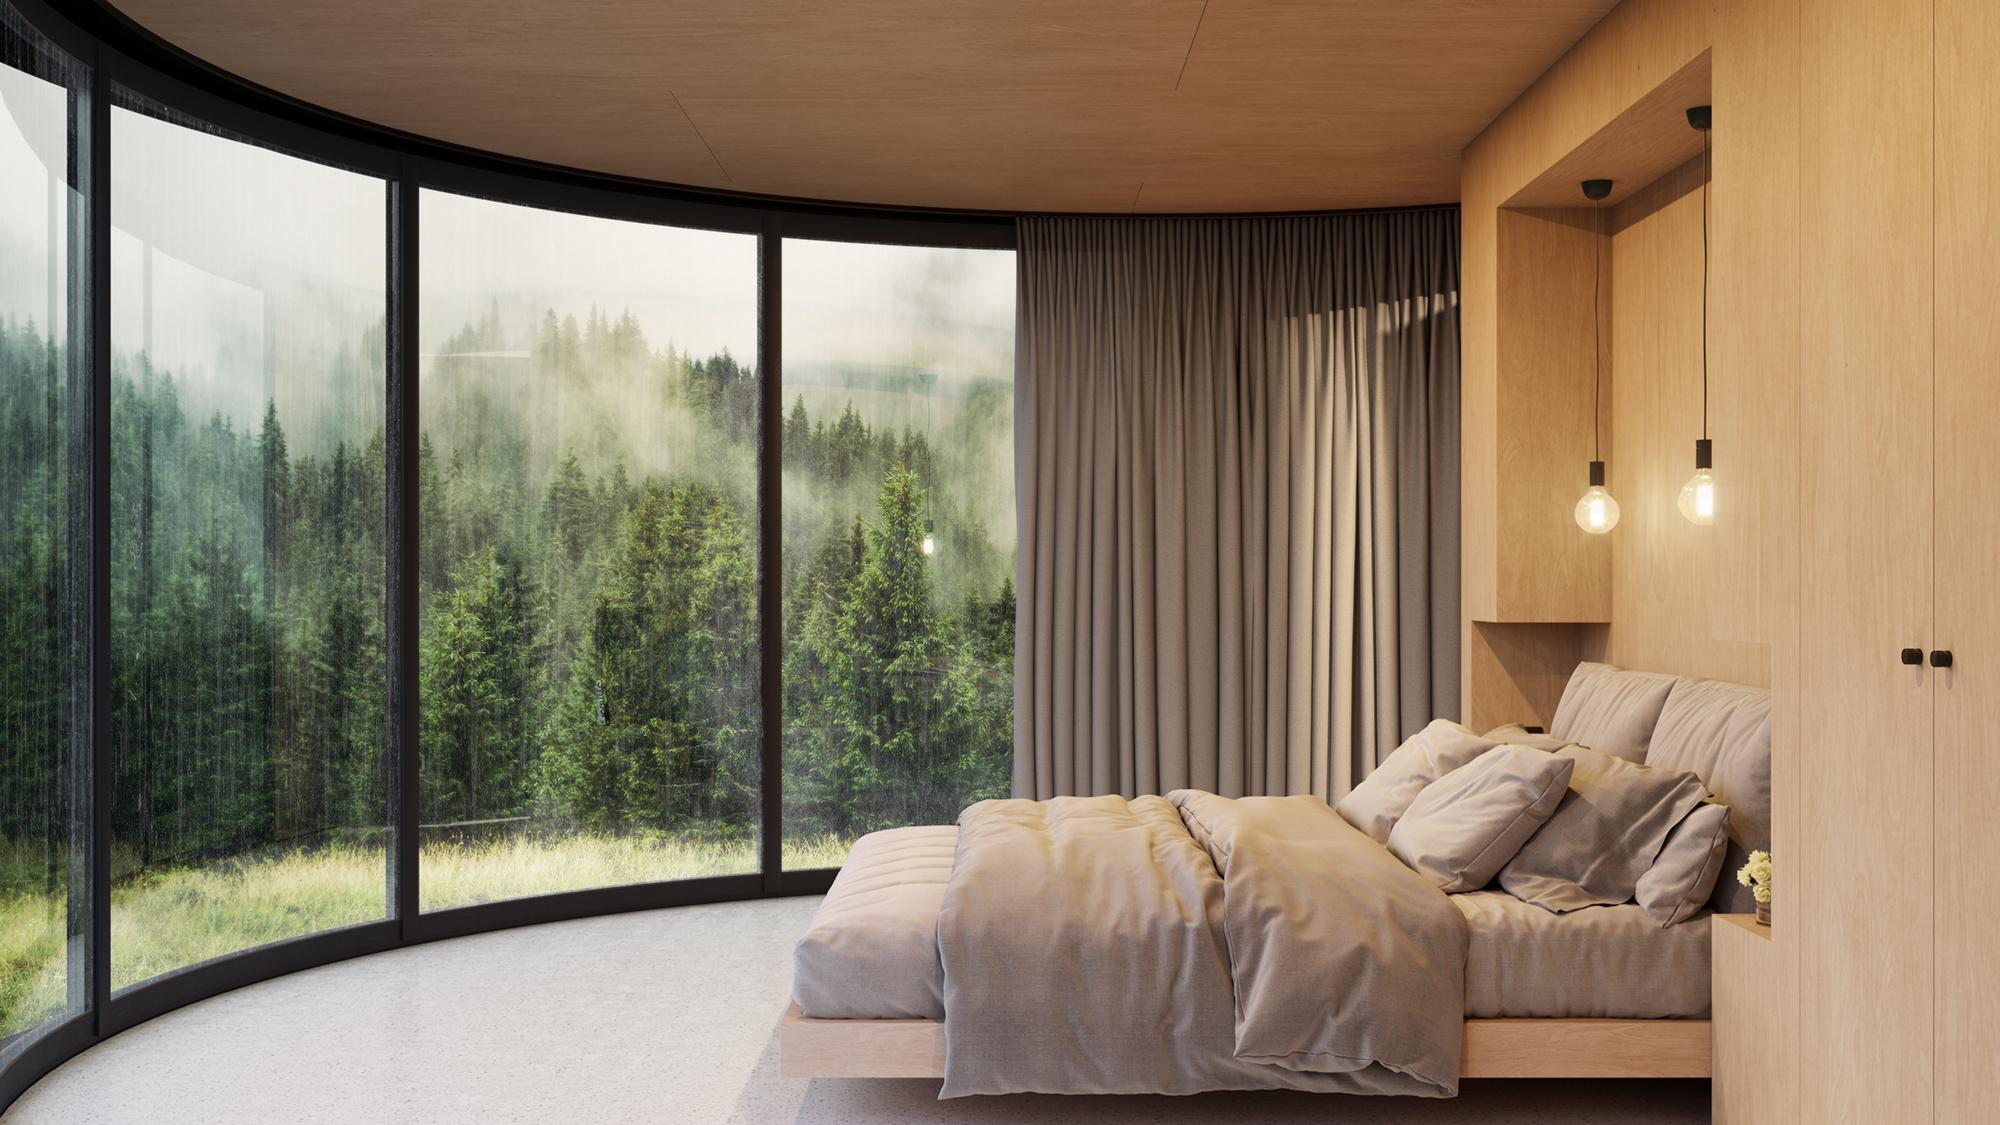 La madera y los tonos claros dan calidez